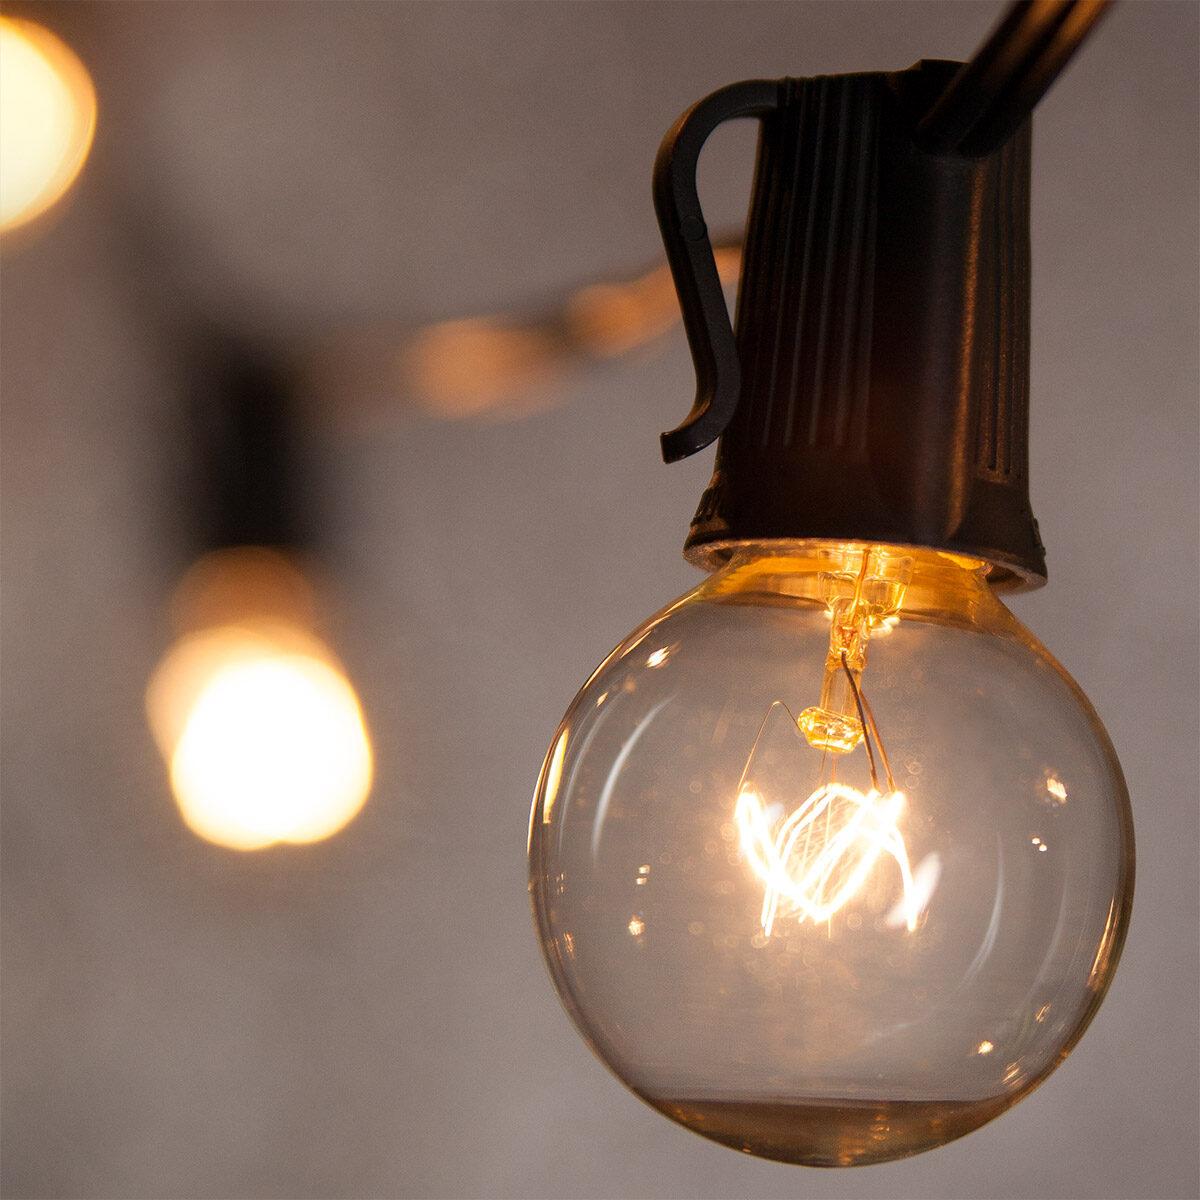 Merveilleux Globe String Lights, Clear G40 Bulbs